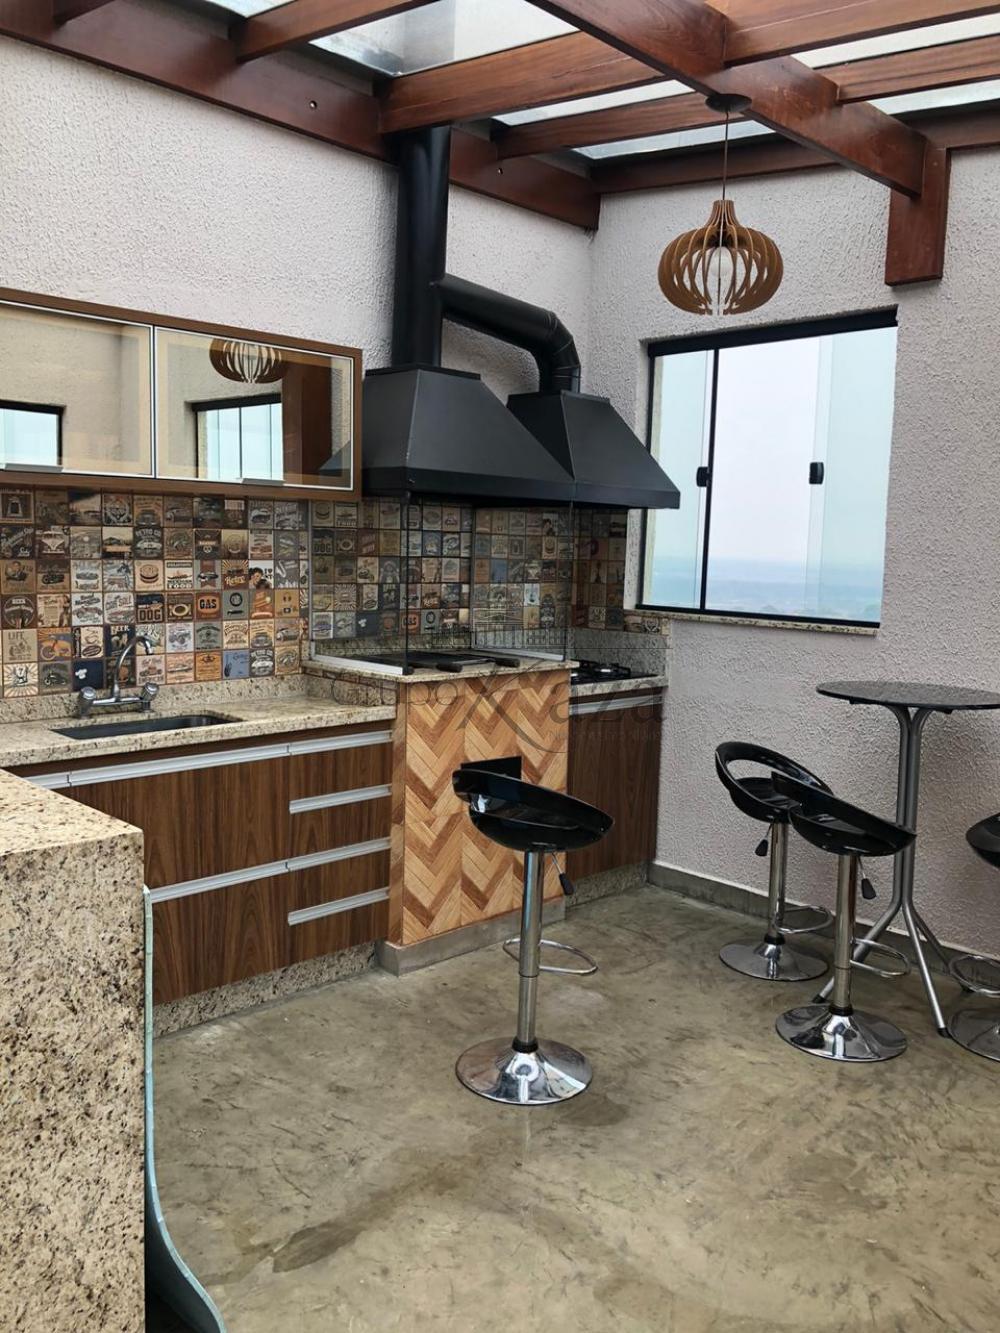 Comprar Apartamento / Cobertura Duplex em São José dos Campos apenas R$ 742.000,00 - Foto 10